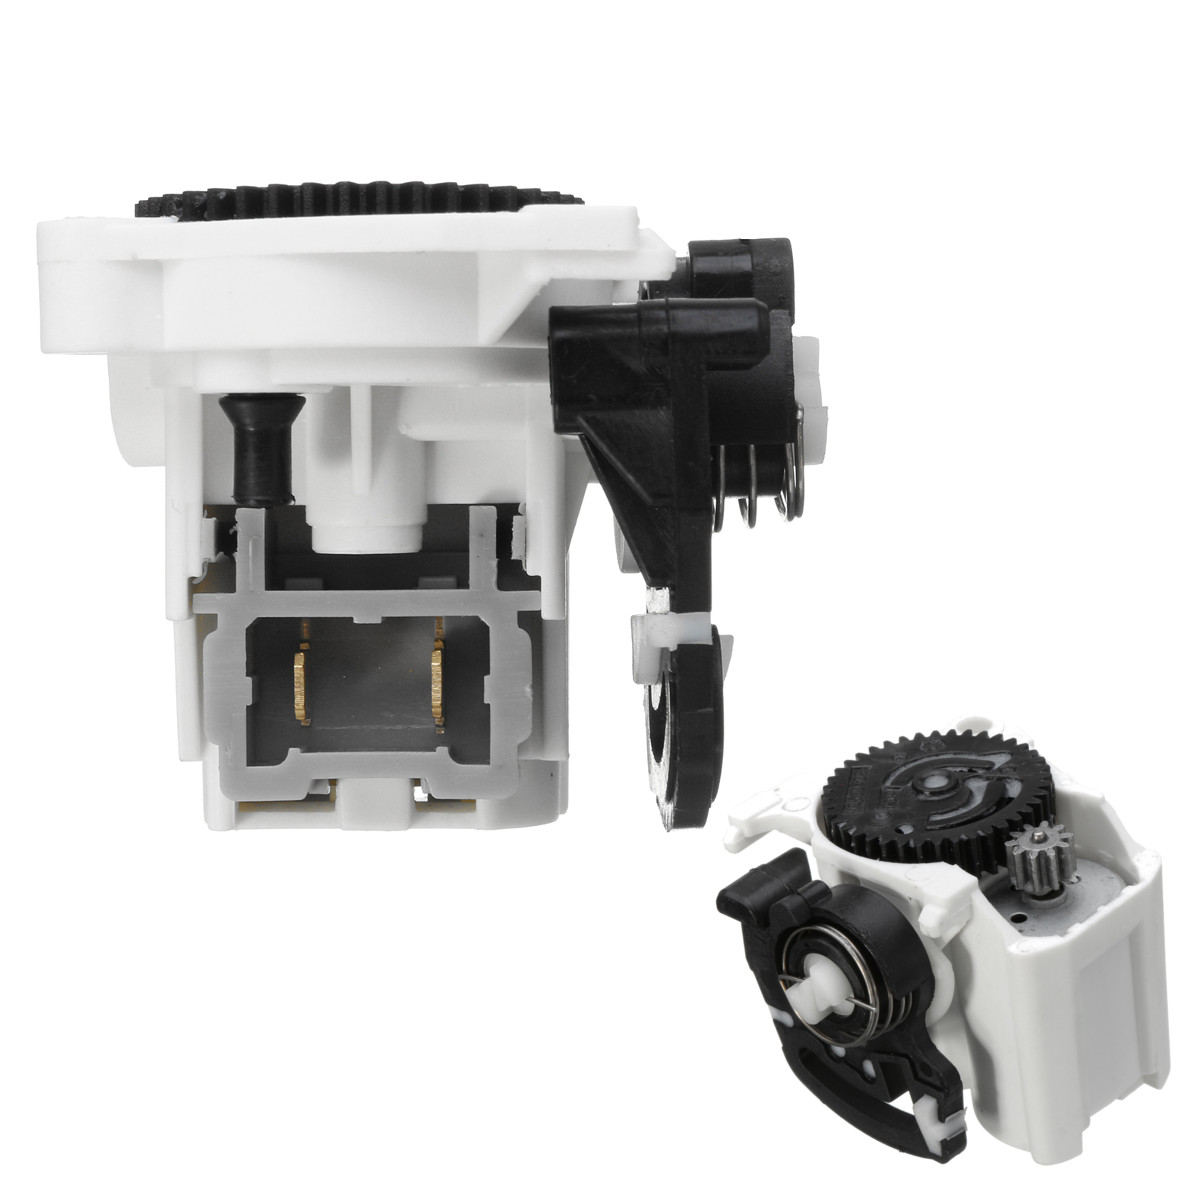 محرك قفل مركزي لرينو كليو 2 ميجان توينجو ذو المناظر الطبيعية الخلابة 8200102583 7700435694 7701473742 N0501380